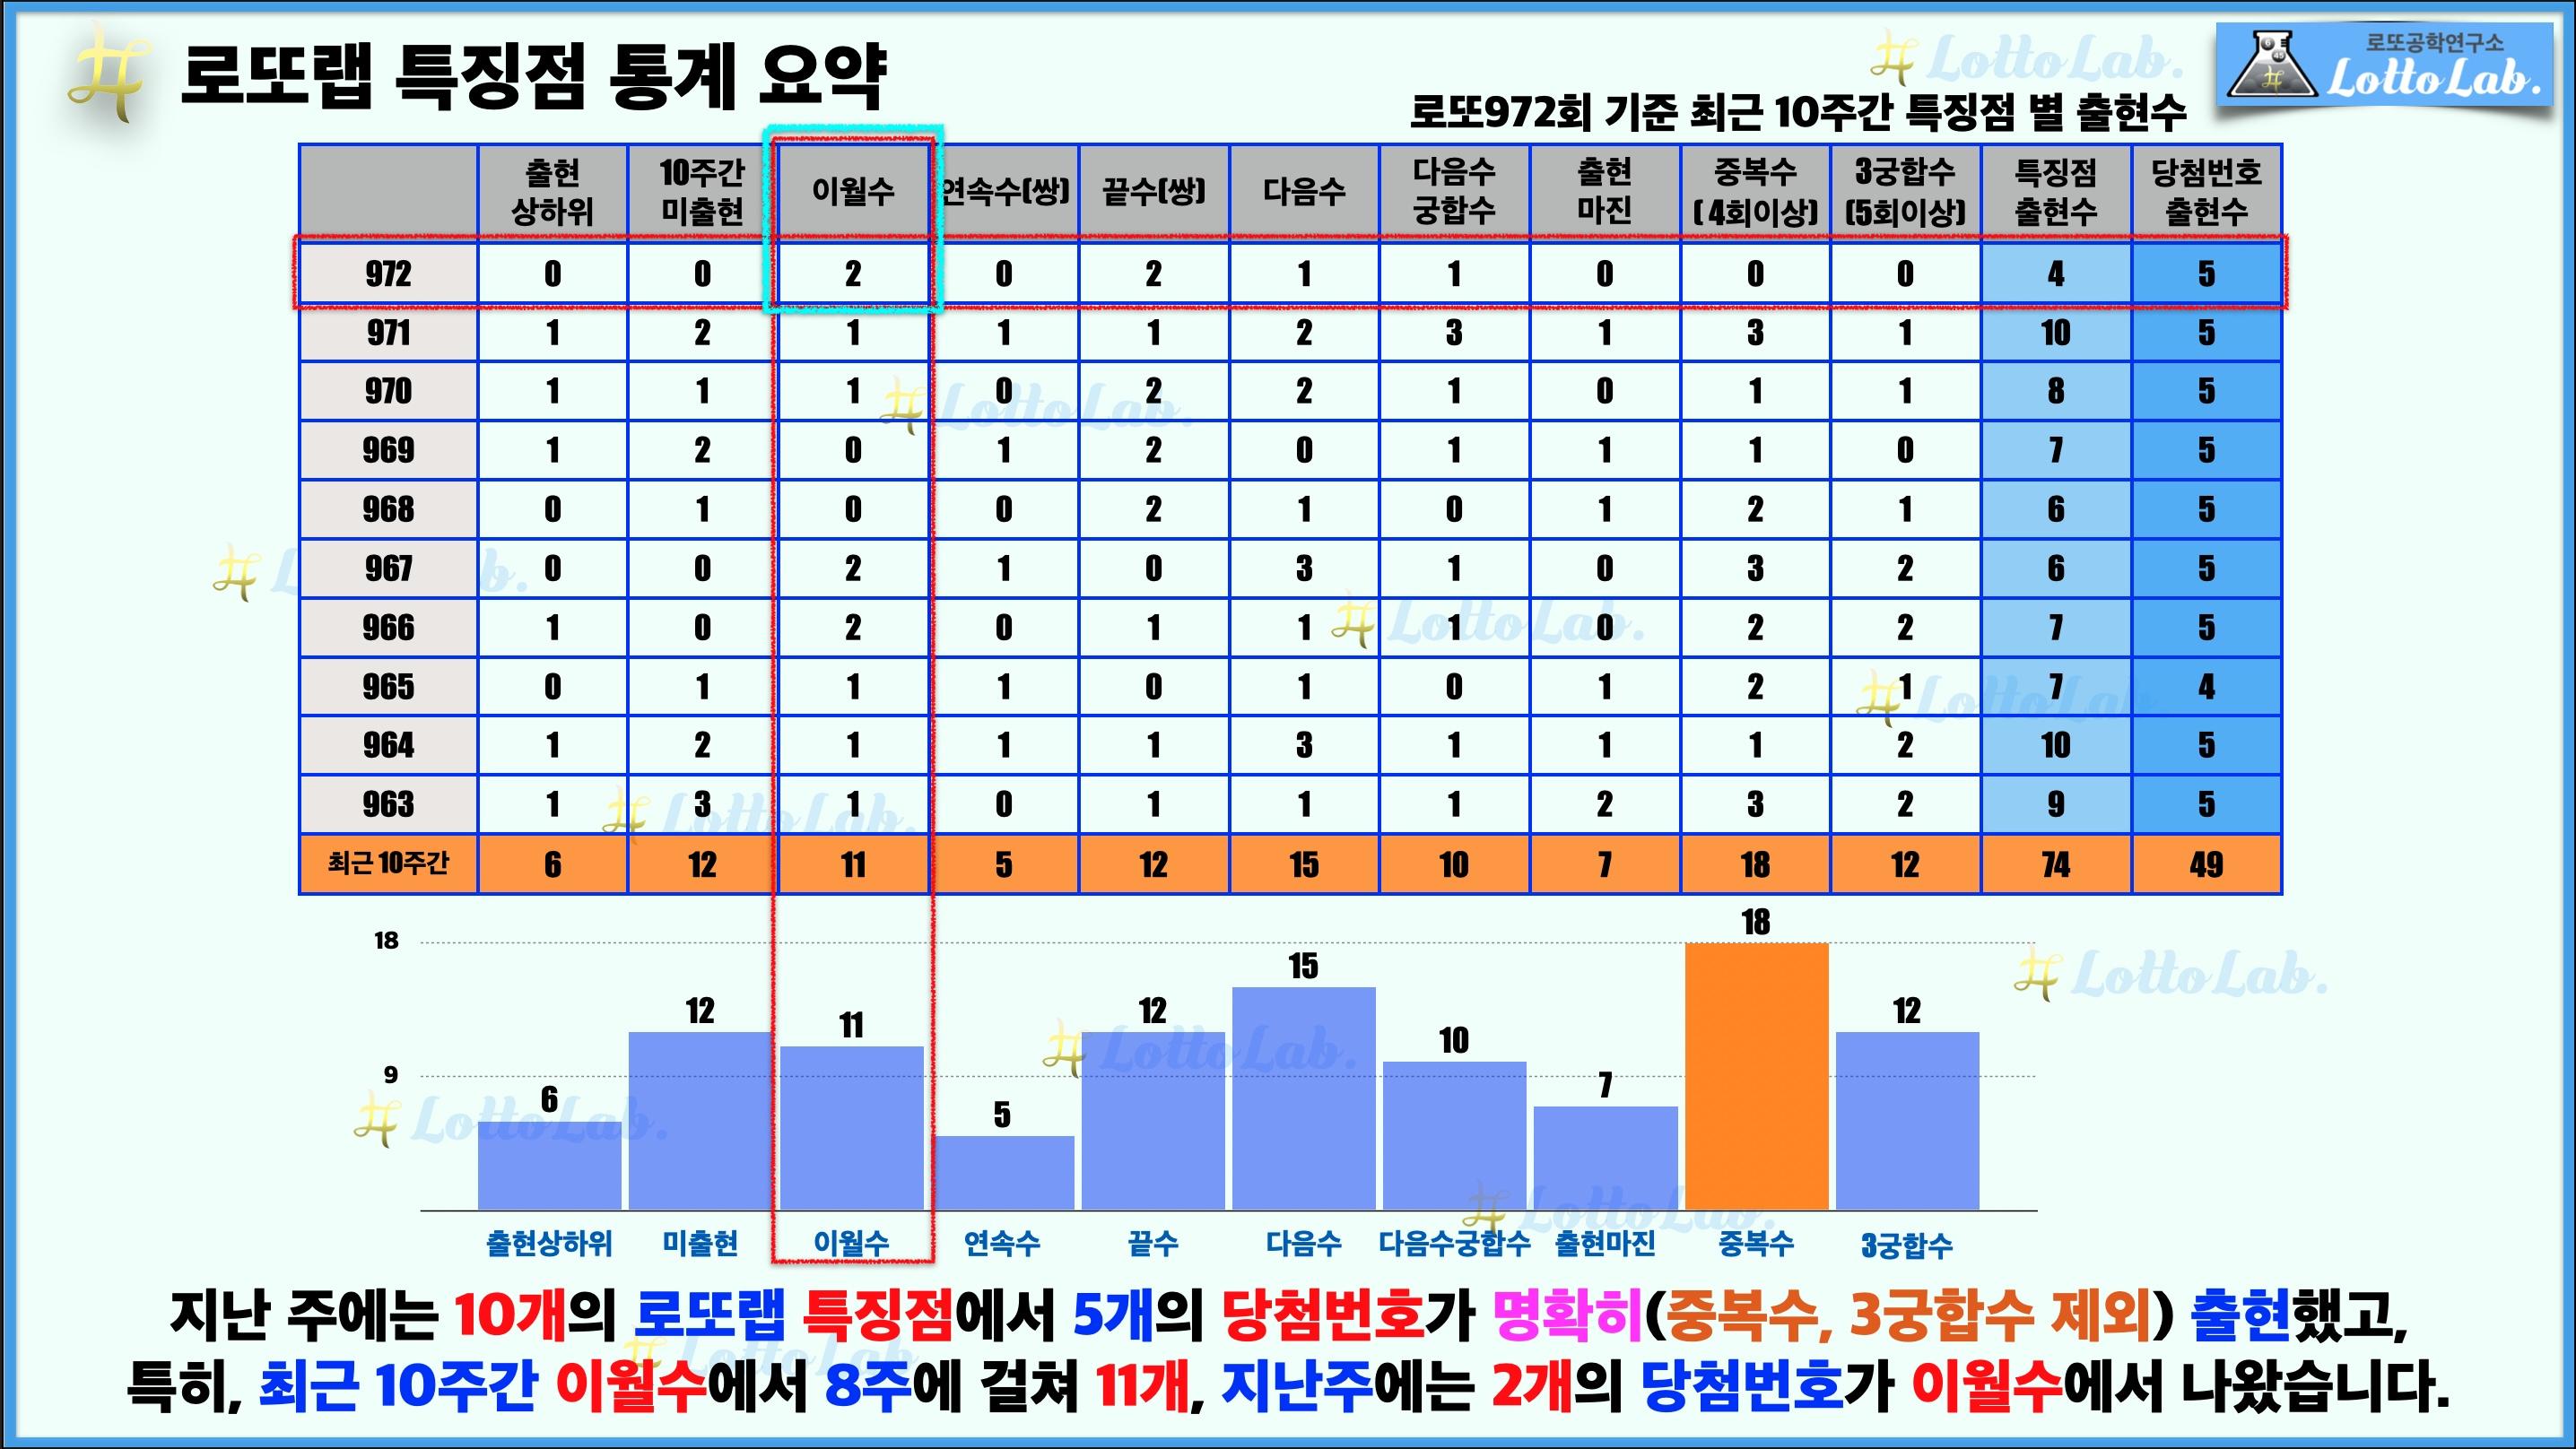 로또랩 로또973 로또예상 최근 10주간 특징점 - 이월수